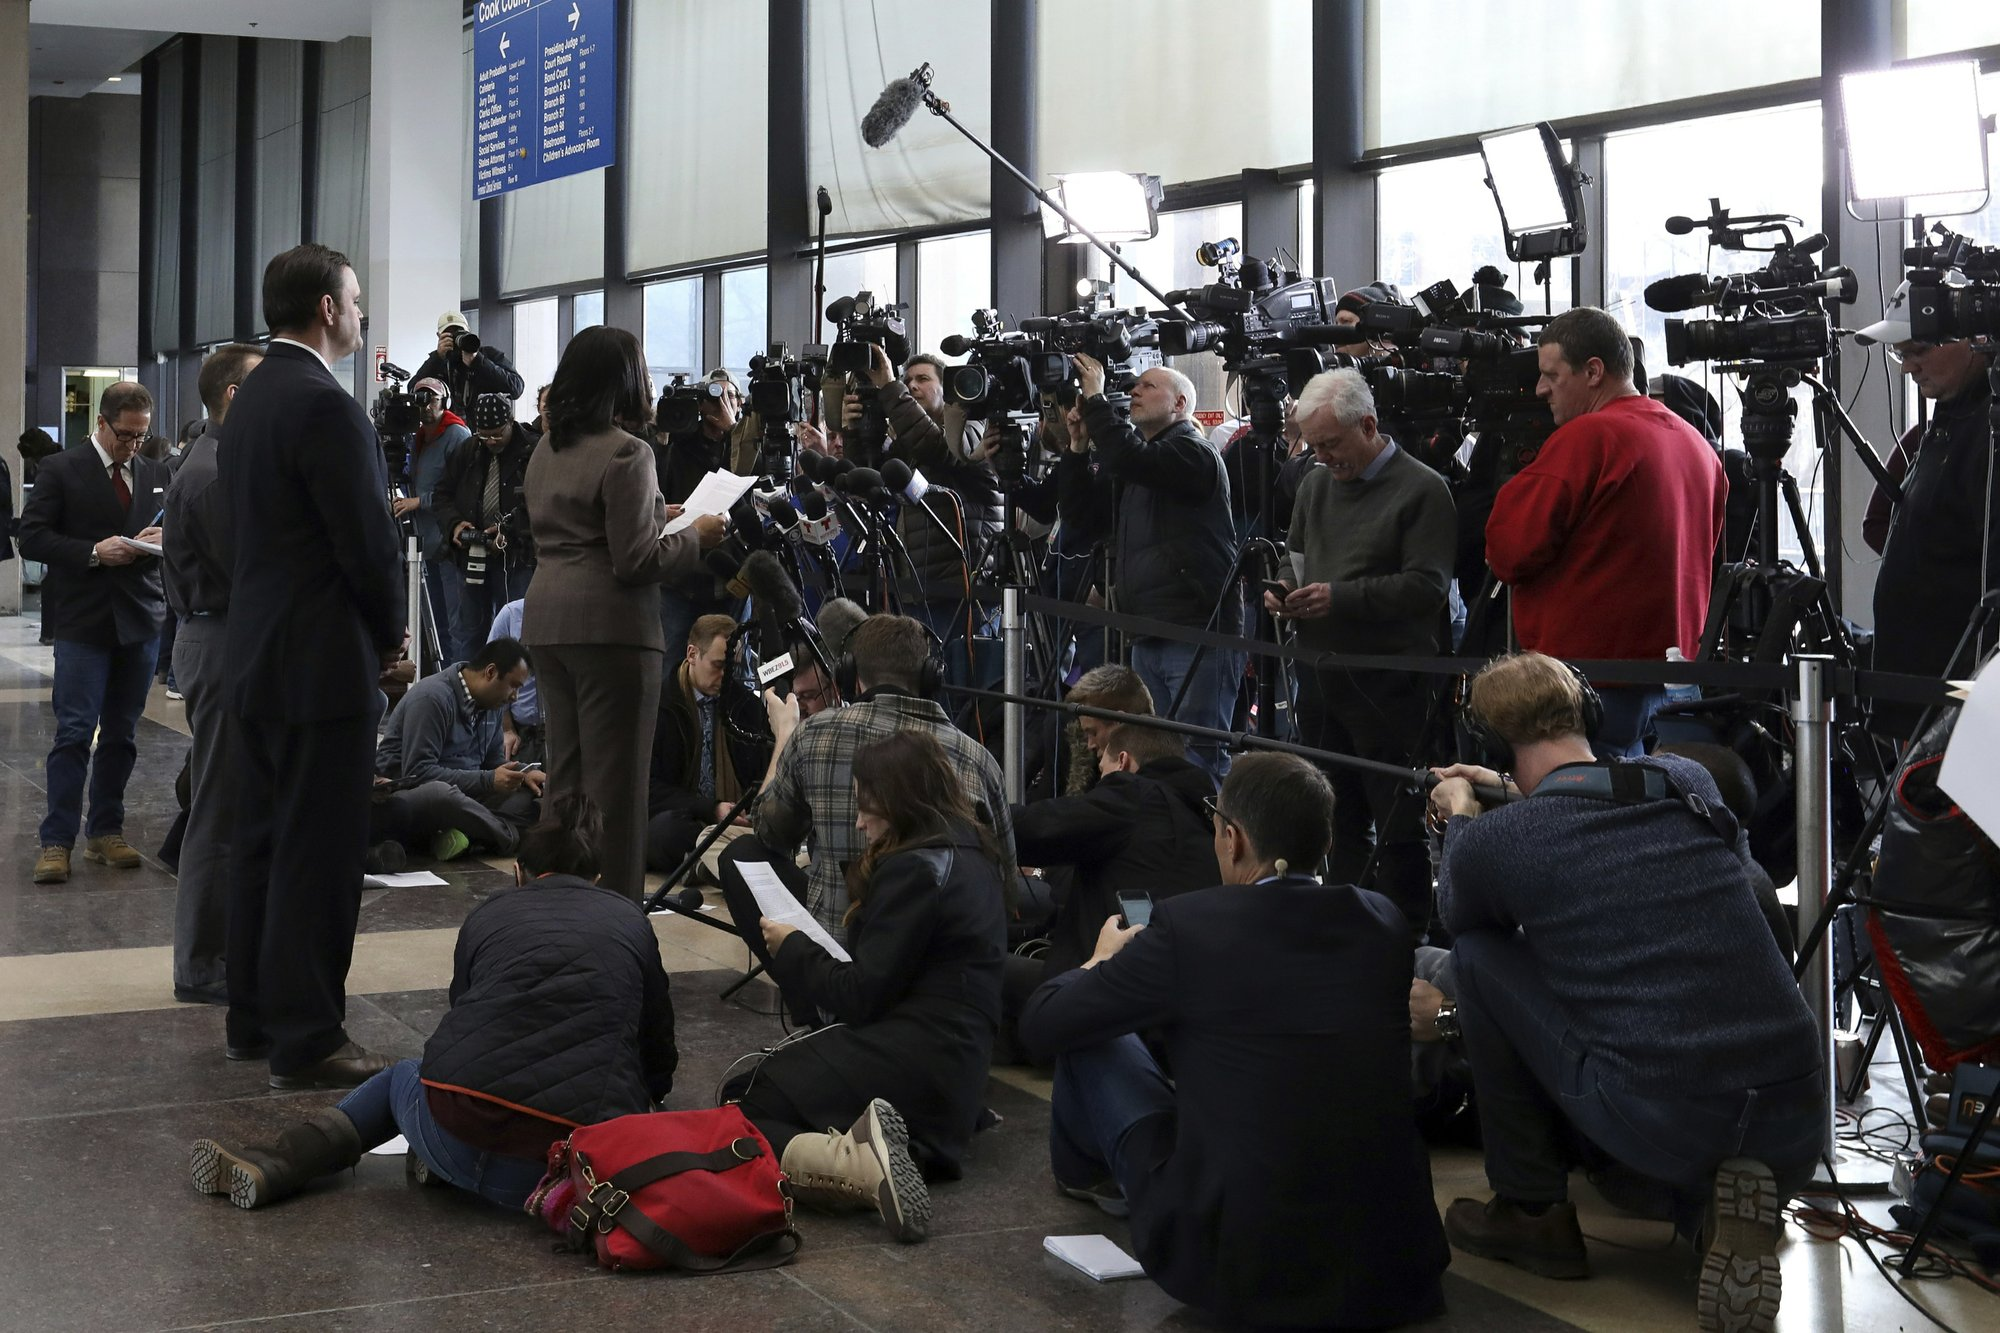 Social media provides fuel for Jussie Smollett story